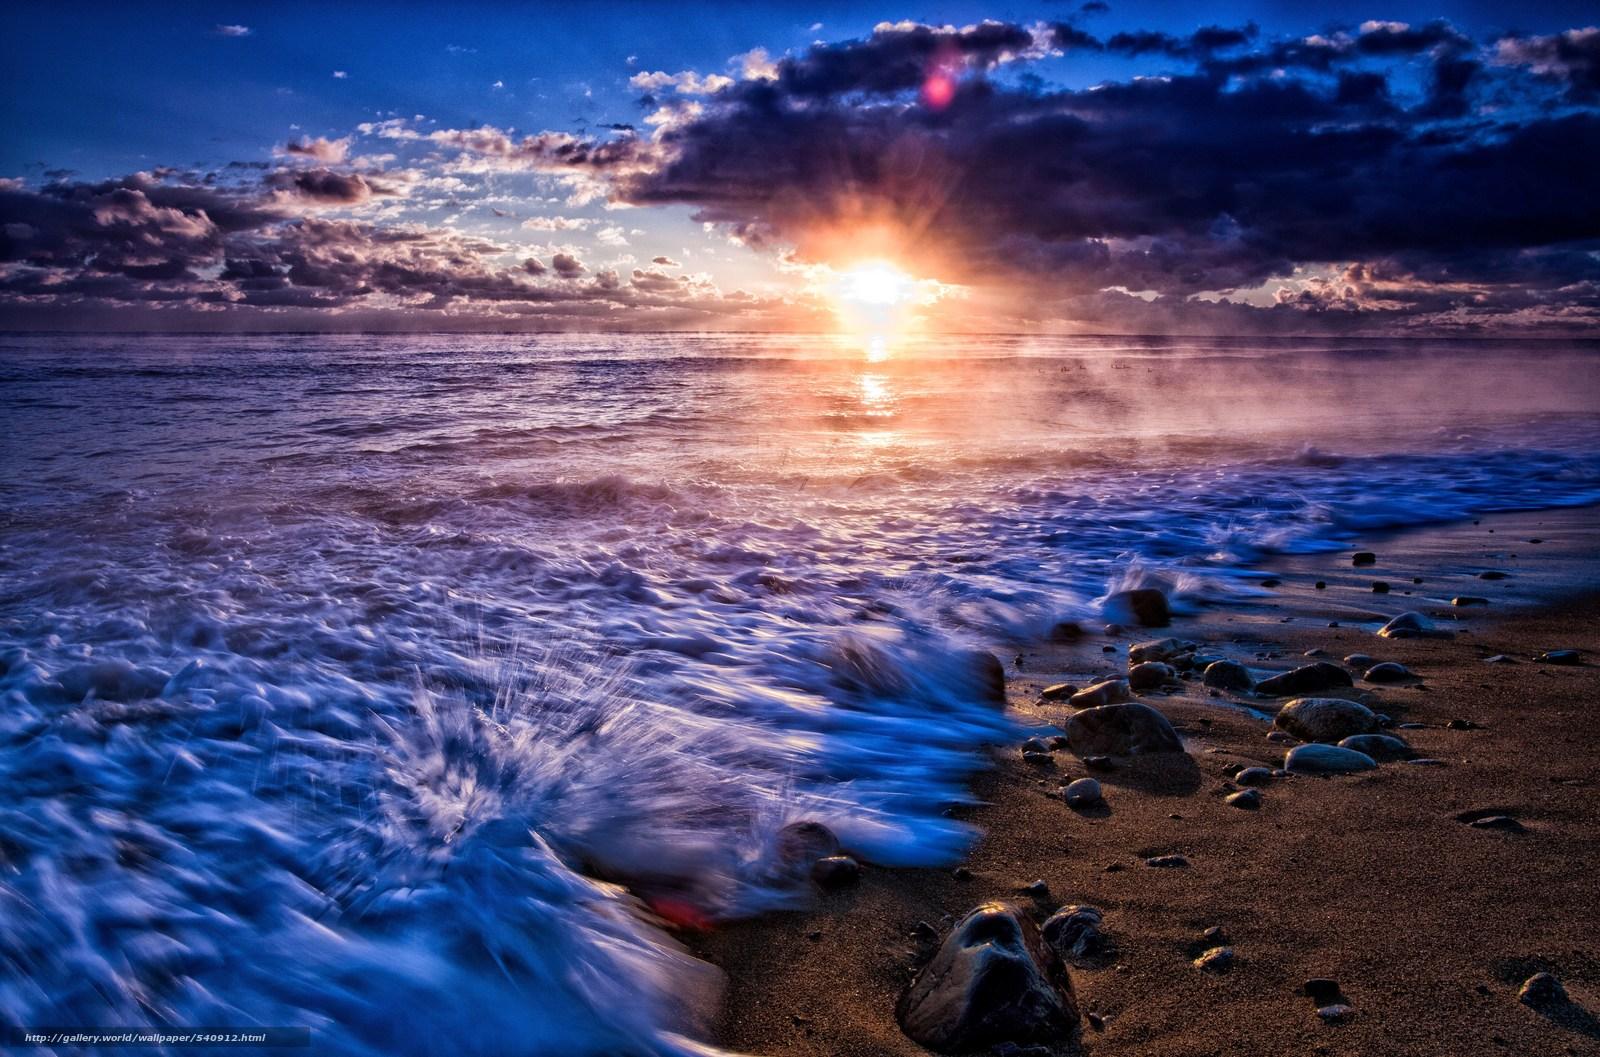 Скачать обои природа,  пейзаж,  море,  вода бесплатно для рабочего стола в разрешении 5600x3700 — картинка №540912